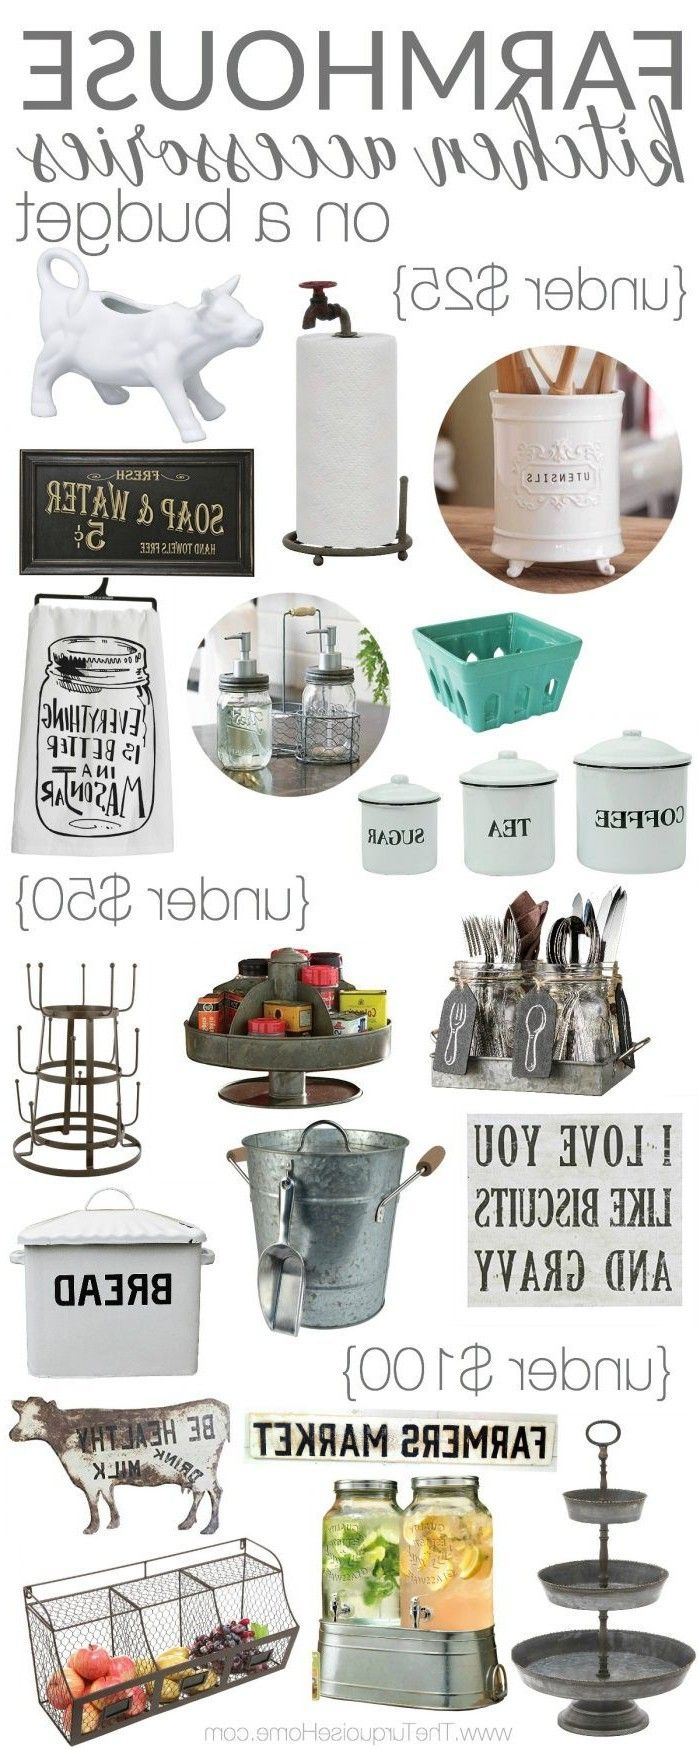 843 besten hondudiariohn.com Bilder auf Pinterest | Küchenzubehör ...